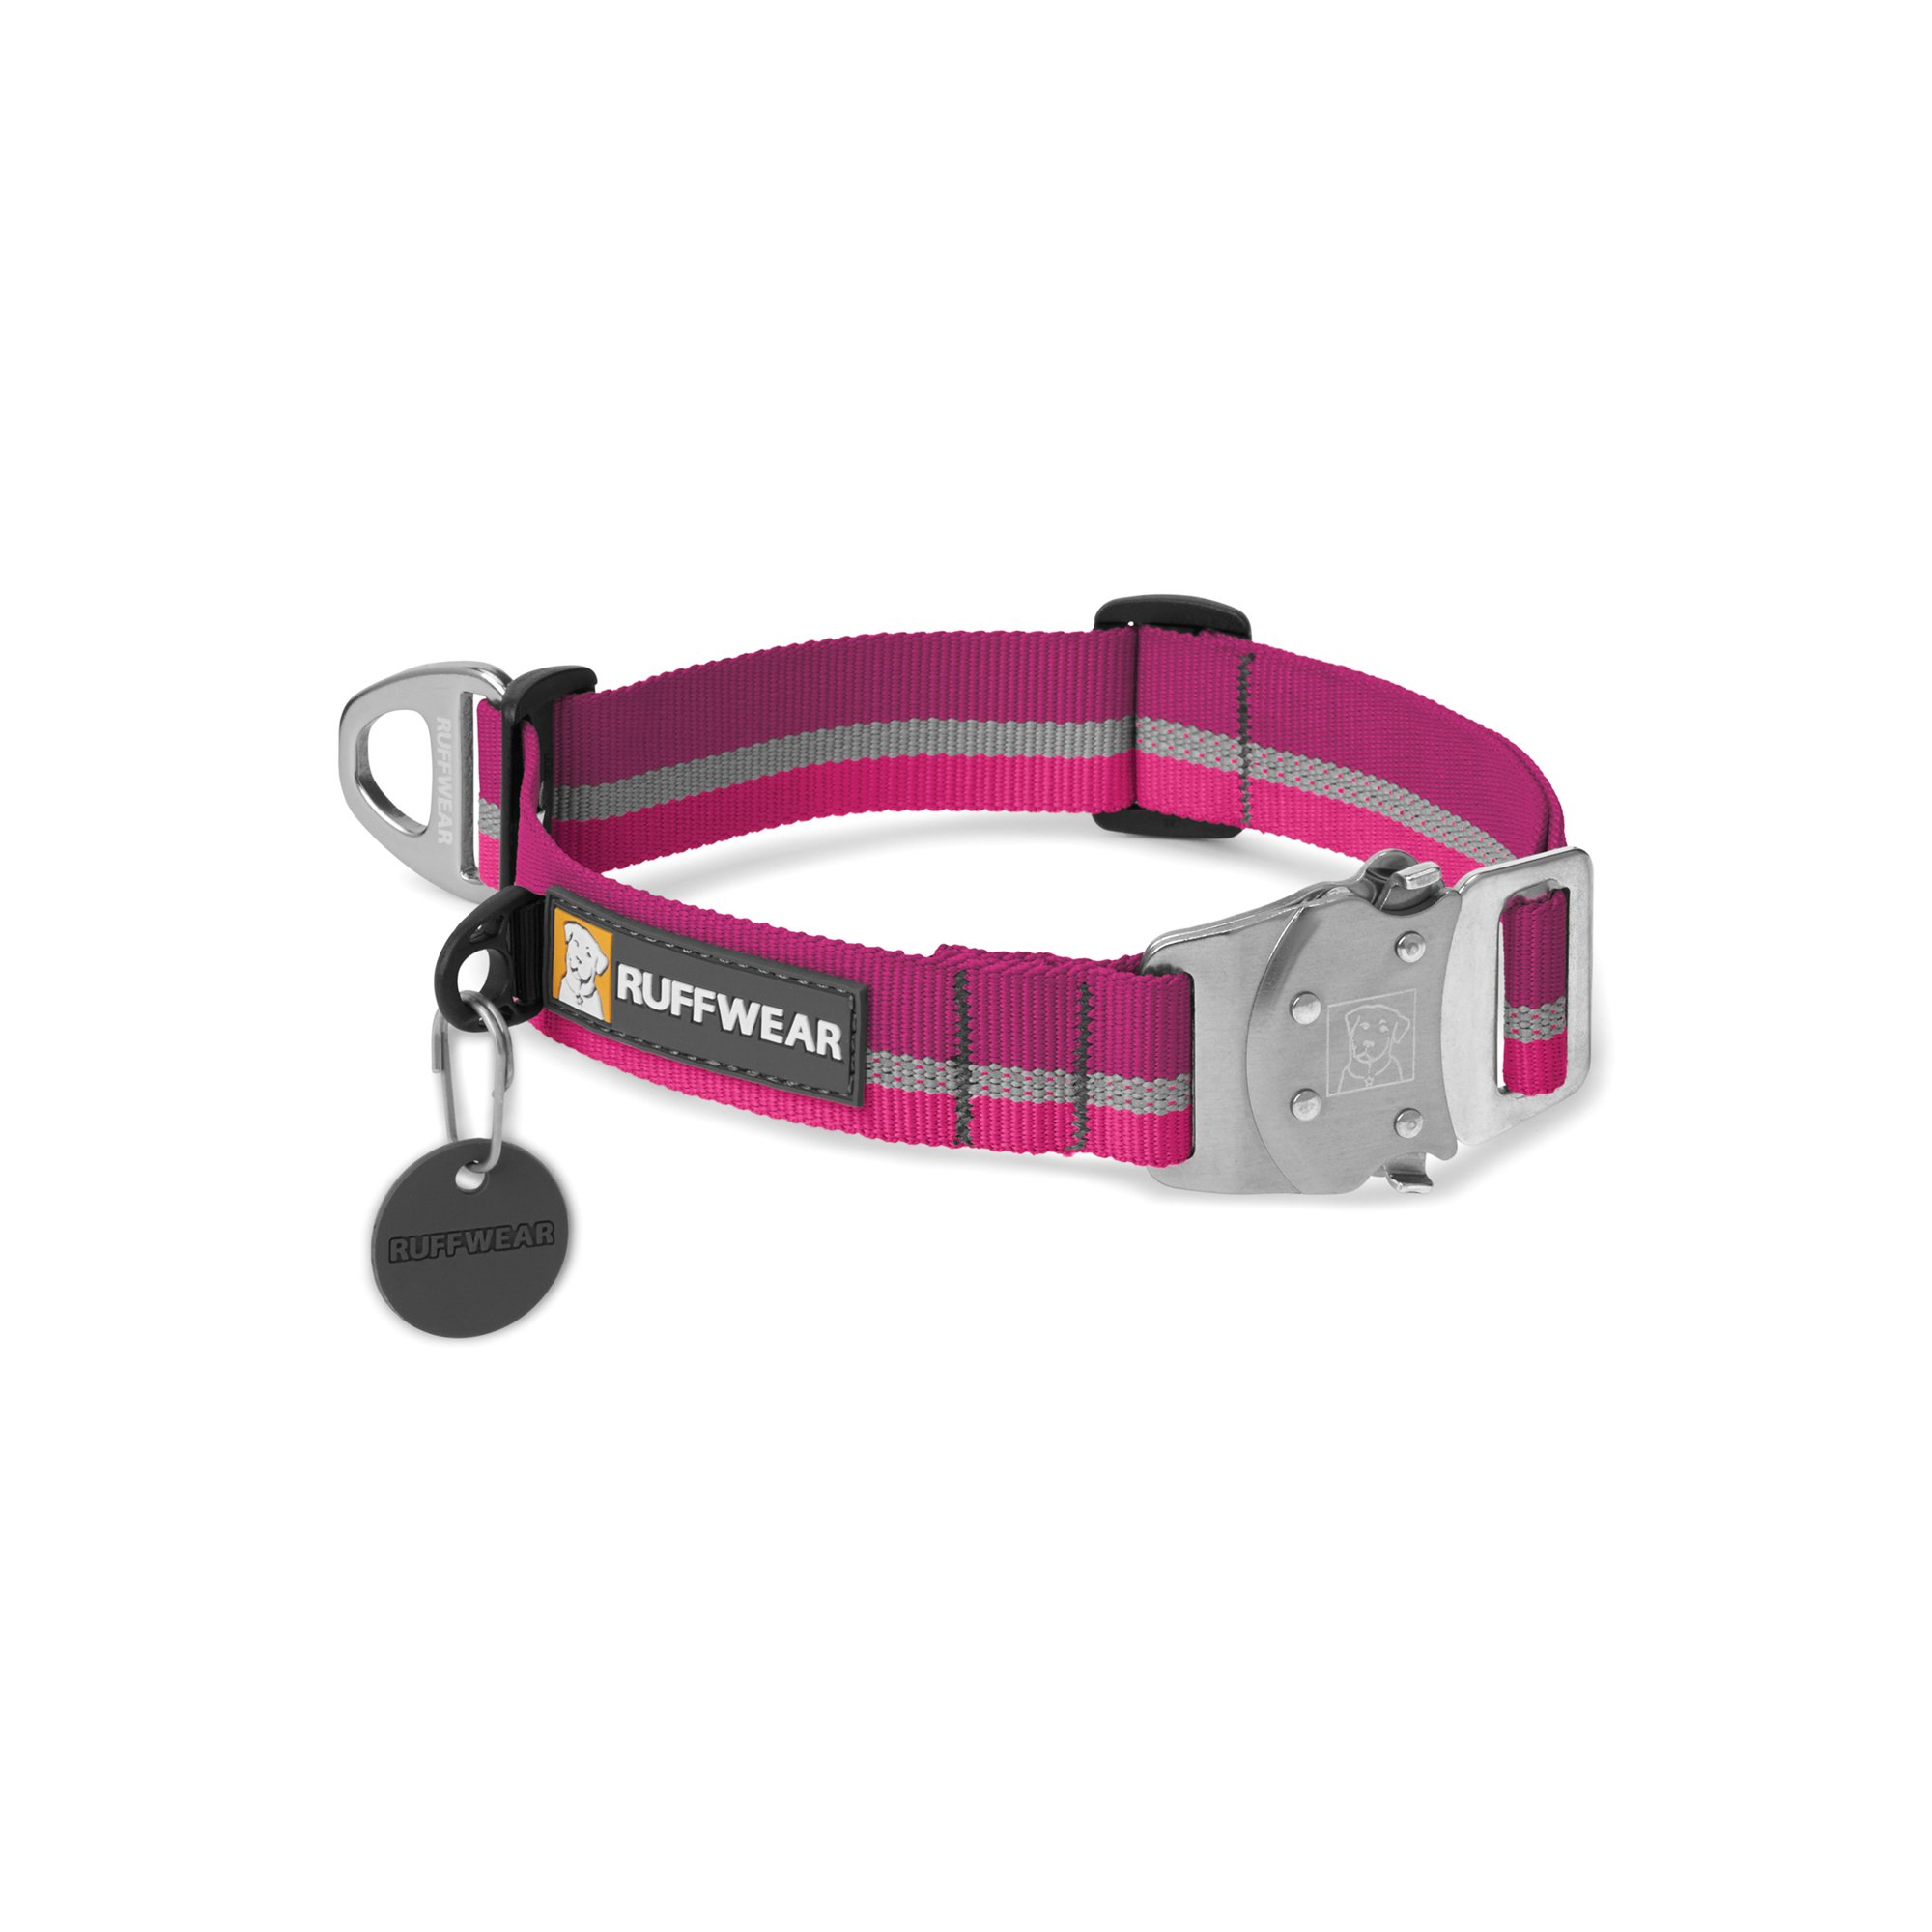 RUFFWEAR - Top Rope, Purple Dusk, Medium by RUFFWEAR